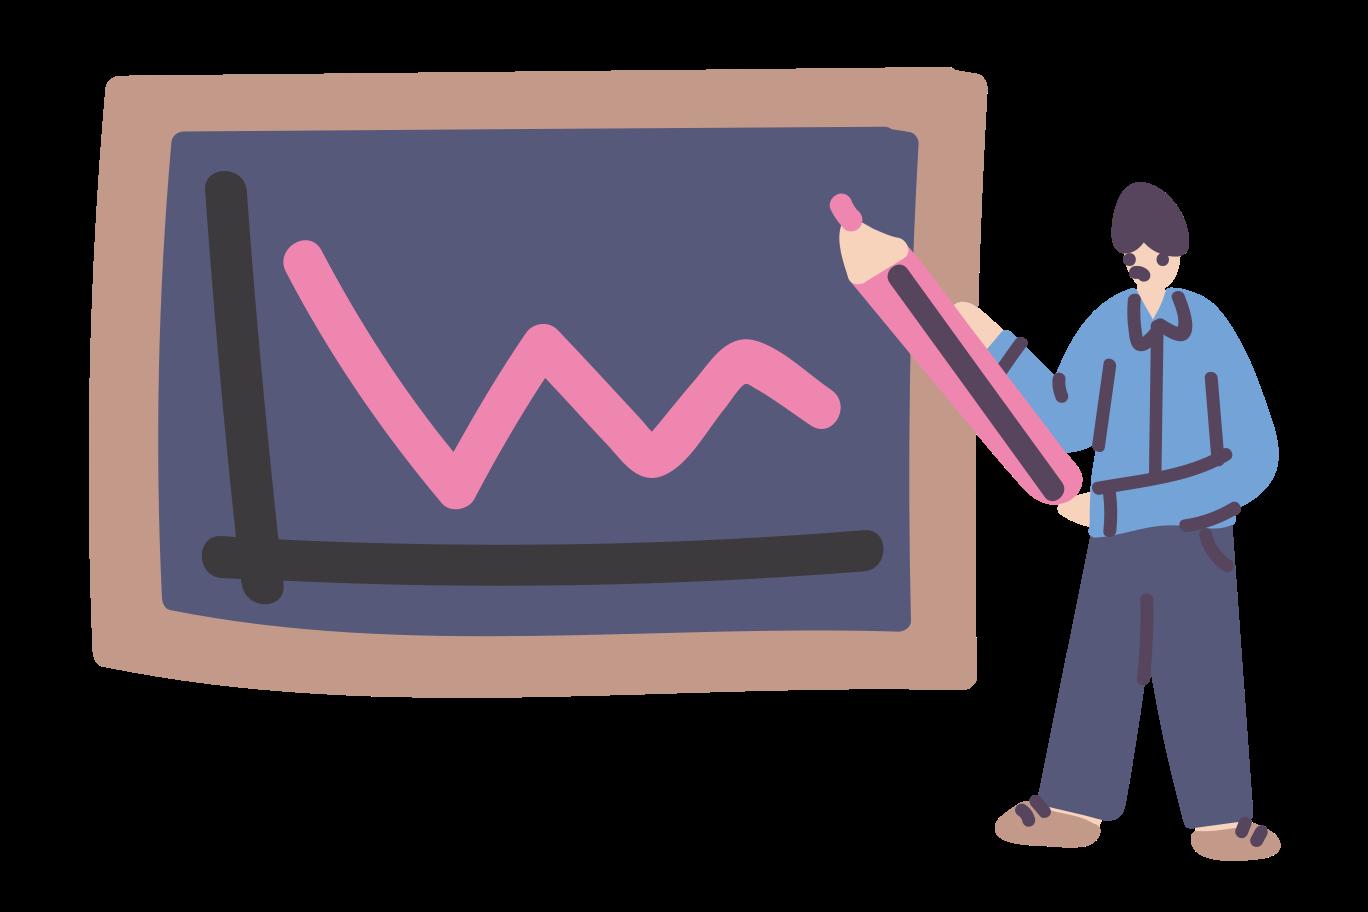 Presentation Clipart illustration in PNG, SVG